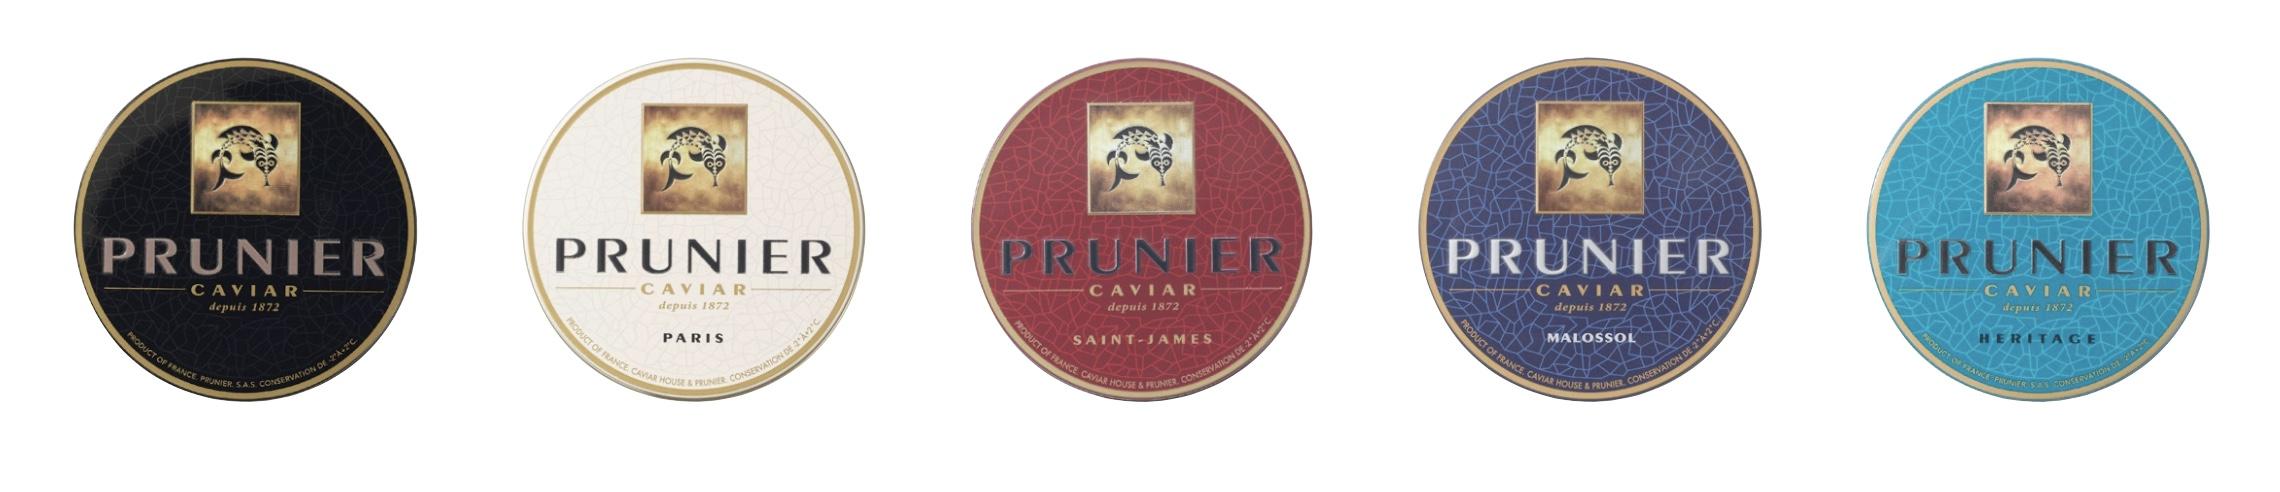 Les 5 grands caviars de la Maison Prunier